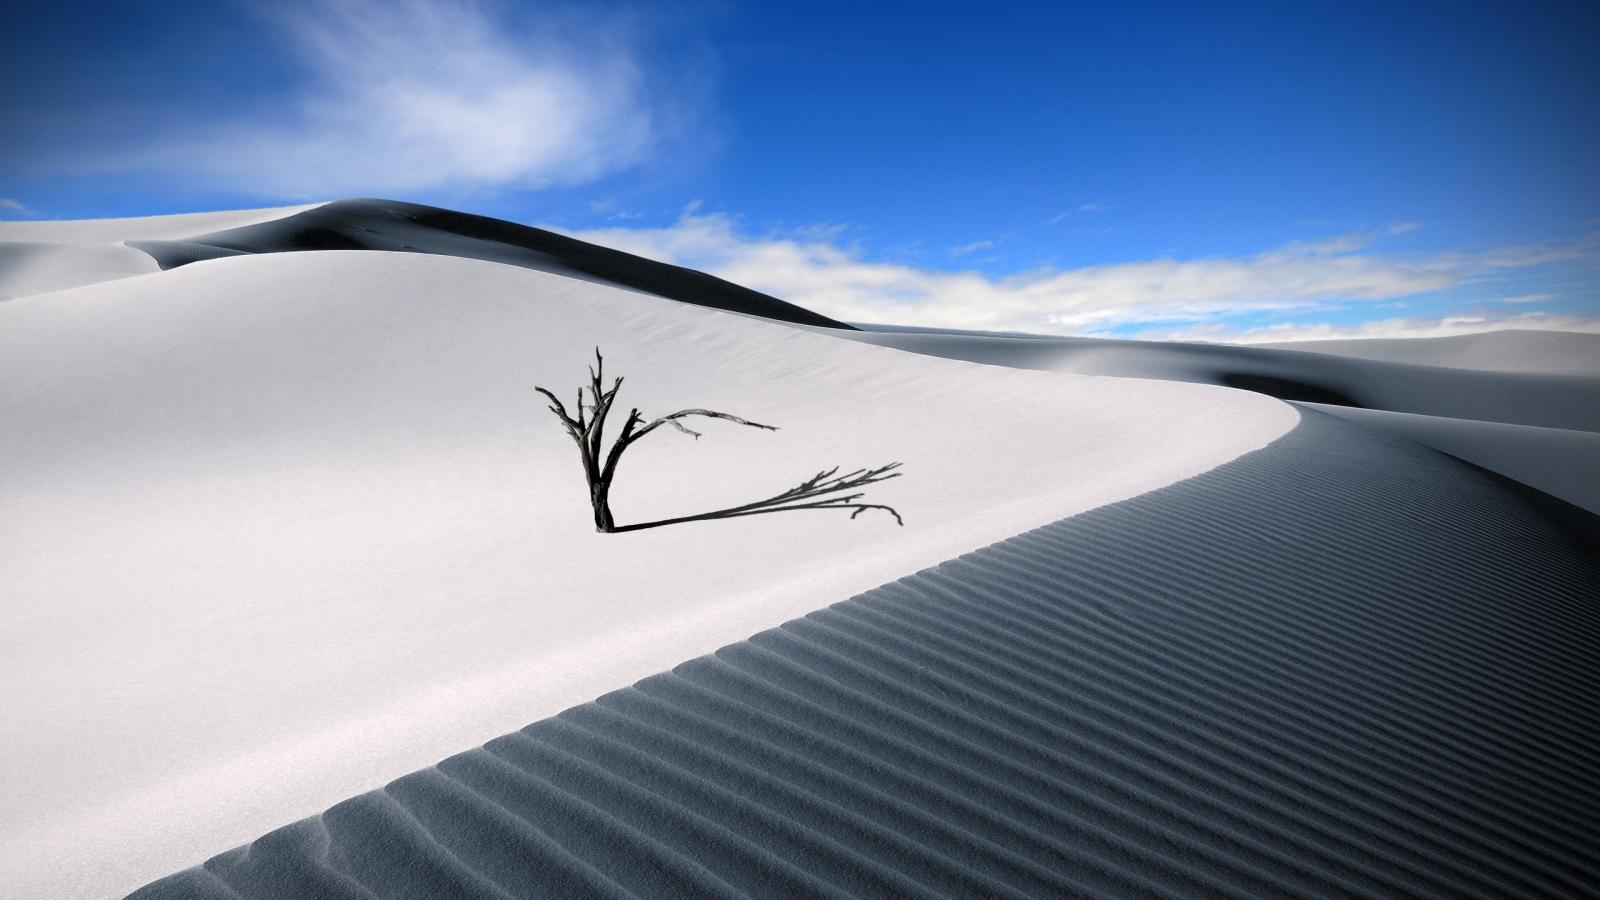 Dunas en el desierto - 1600x900